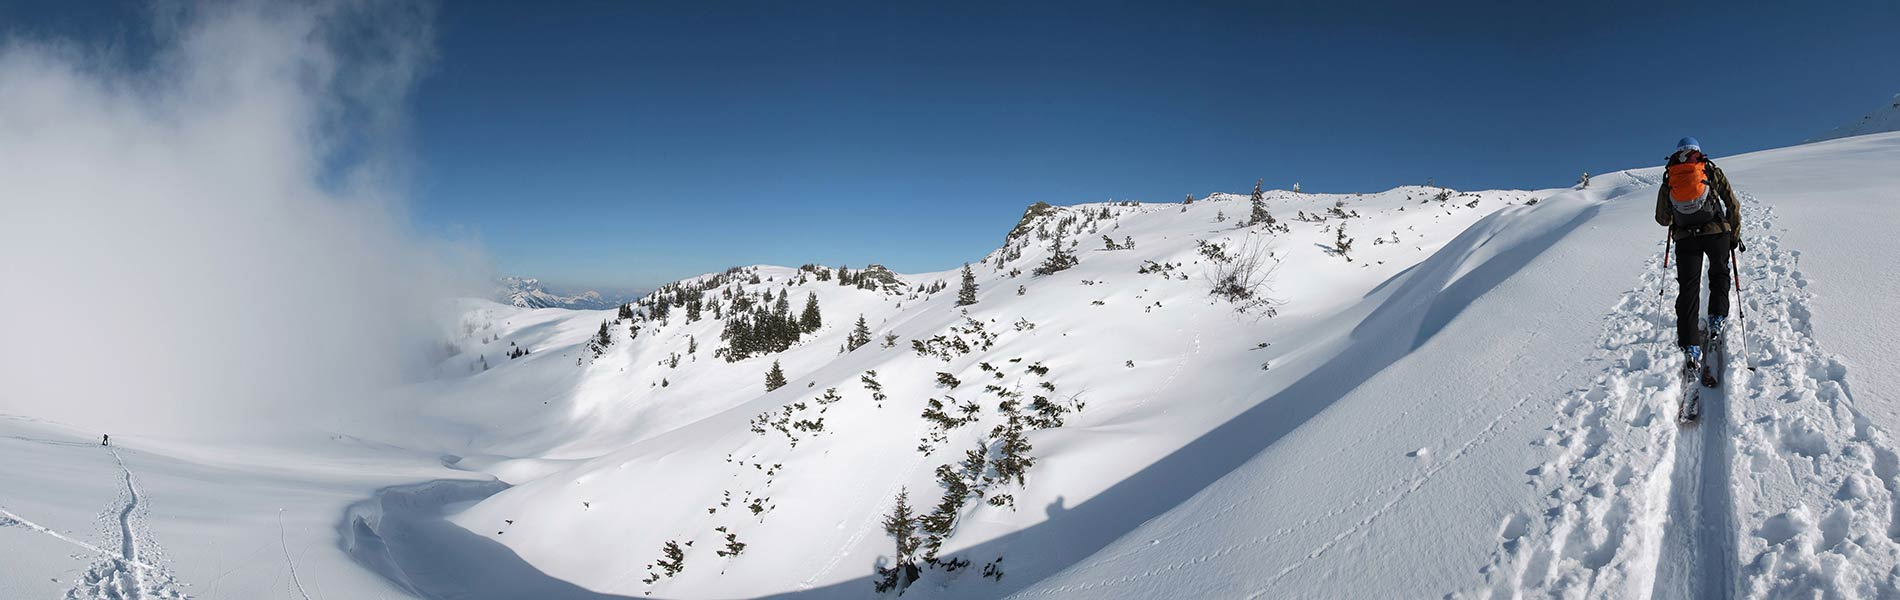 Skitouren in Tirol Skitourenparadies Brixental Hotel Rosengarten Tirol